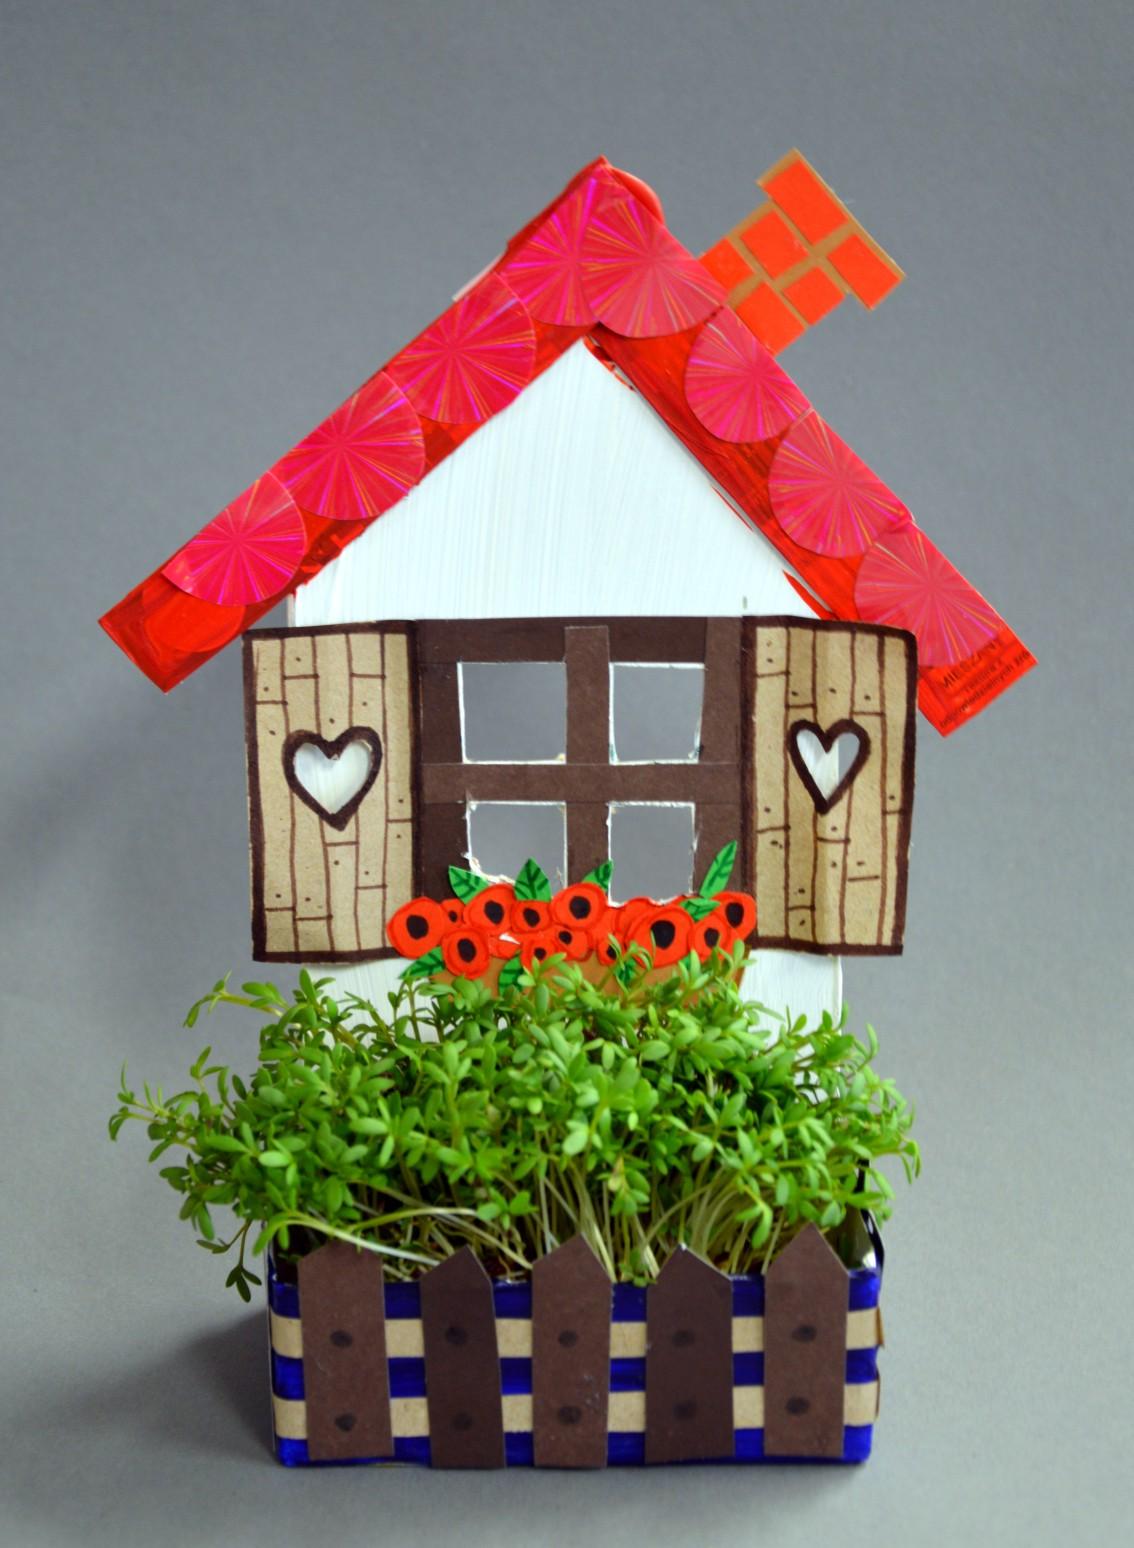 Domek z ogródkiem – rękodzieło – zabawy plastyczne